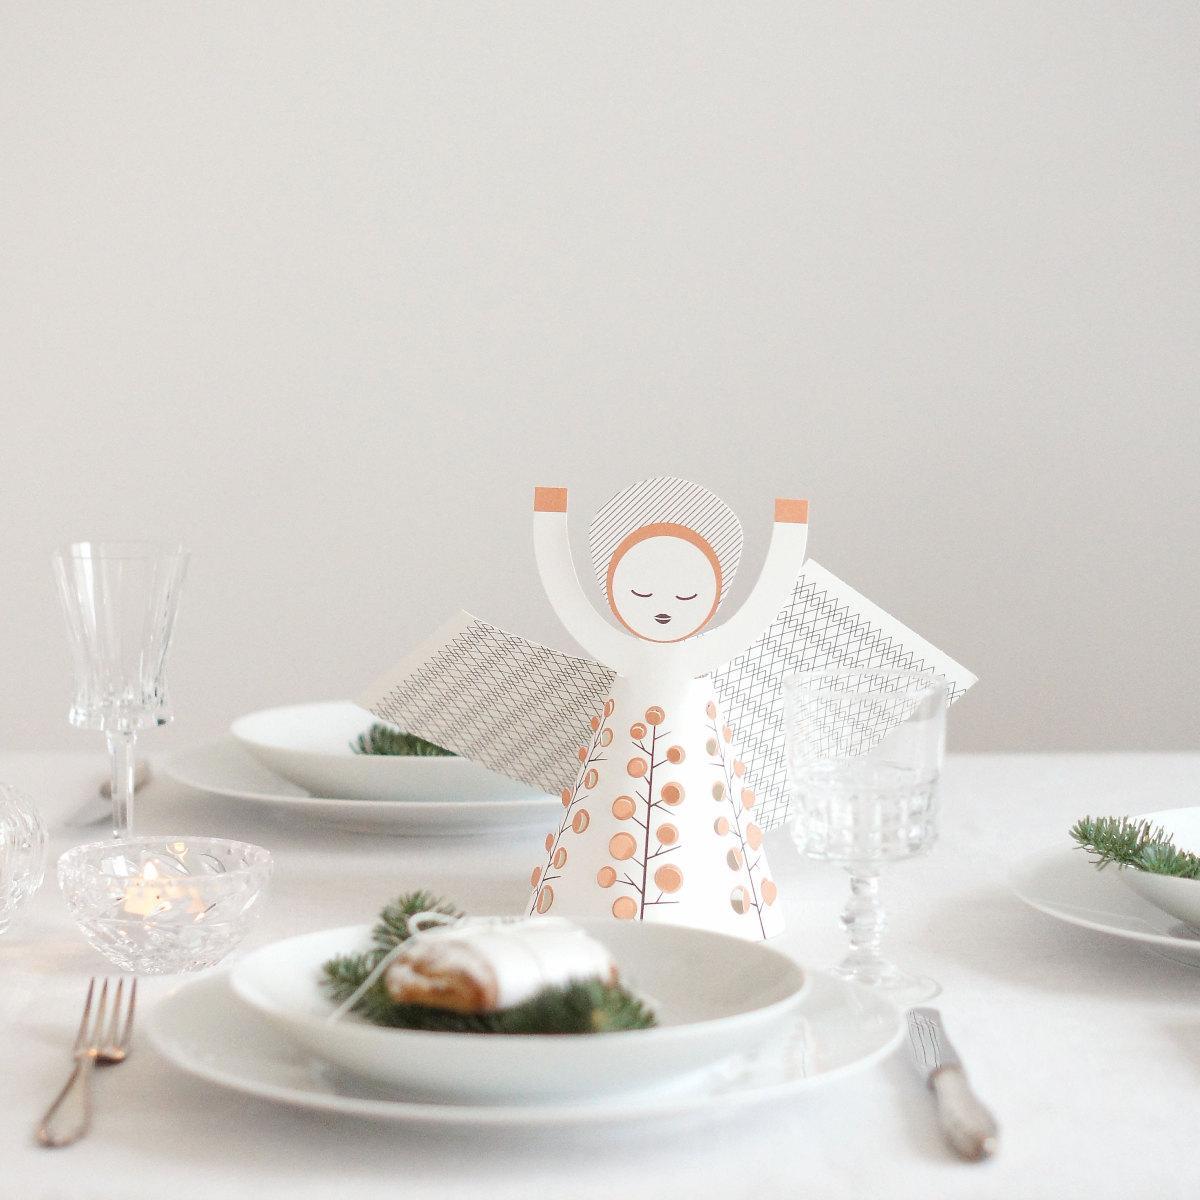 Weihnachtsdeko Weisses Porzellan.Tischdeko Zu Weihnachten Lass Dich Inspirieren